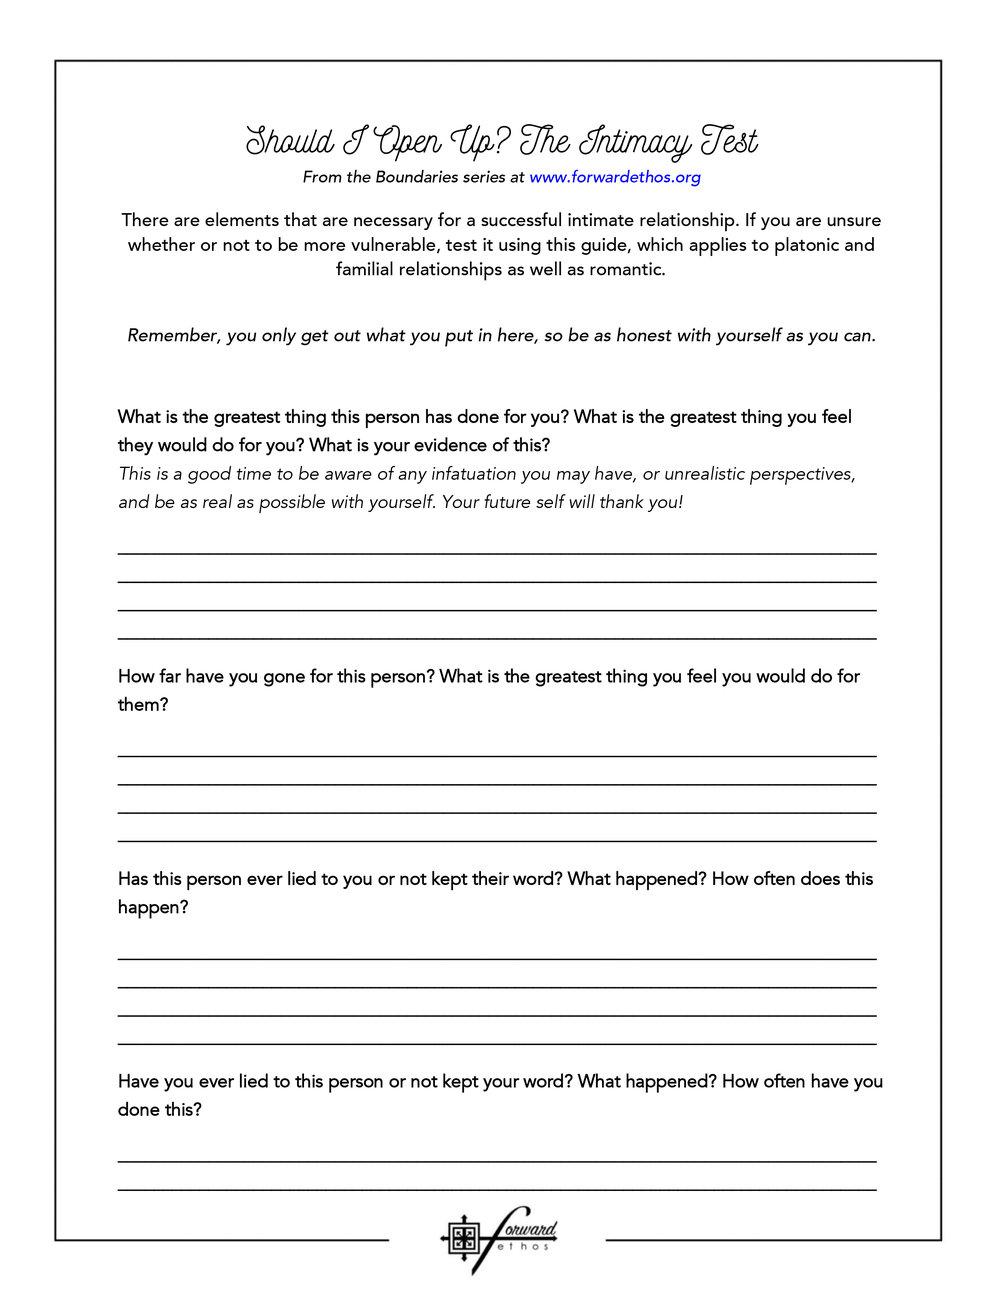 Boundaries Worksheet 03-1.jpg